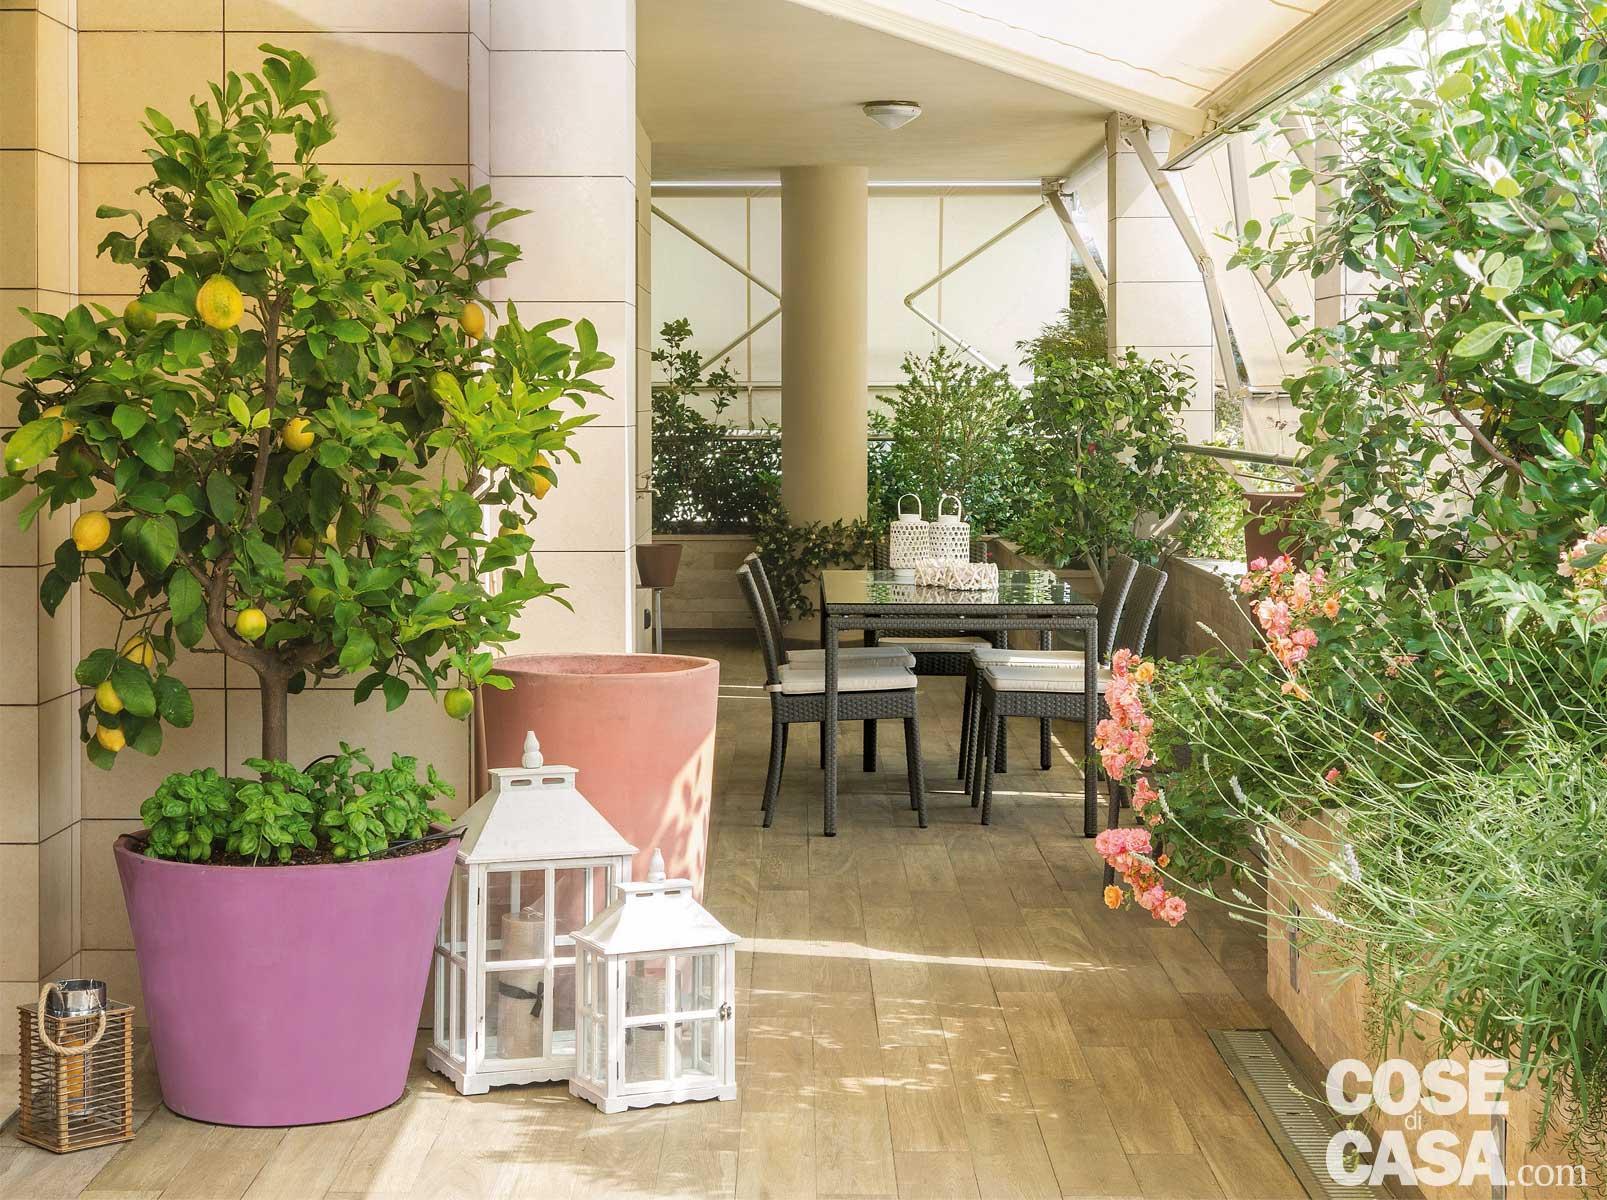 La terrazza diventa living arredare anche con le piante cose di casa - Piante per il terrazzo ...